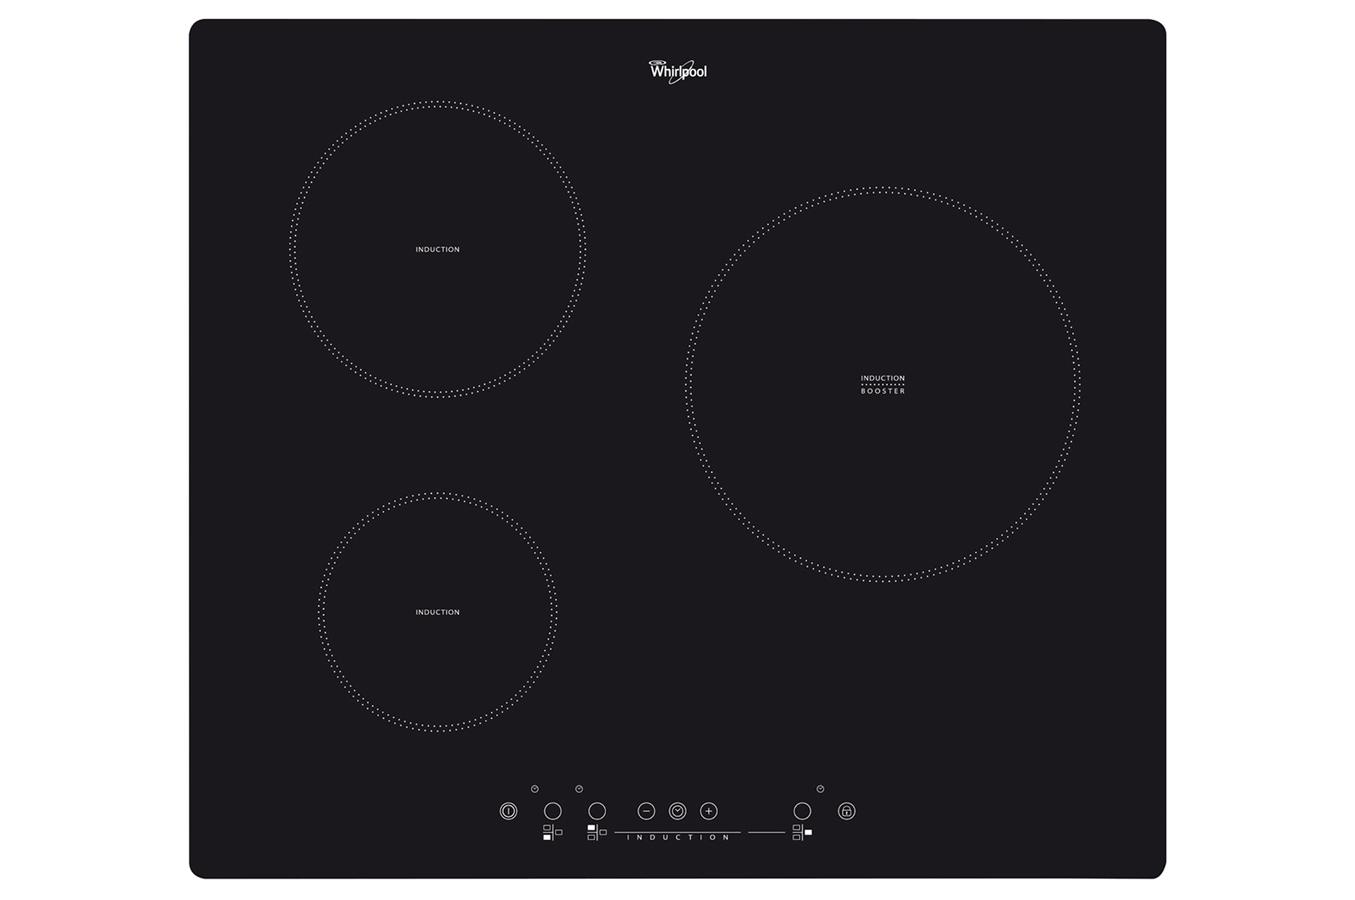 Plaque induction whirlpool acm904ne noir acm904ne 3758729 darty - Plaques induction darty ...